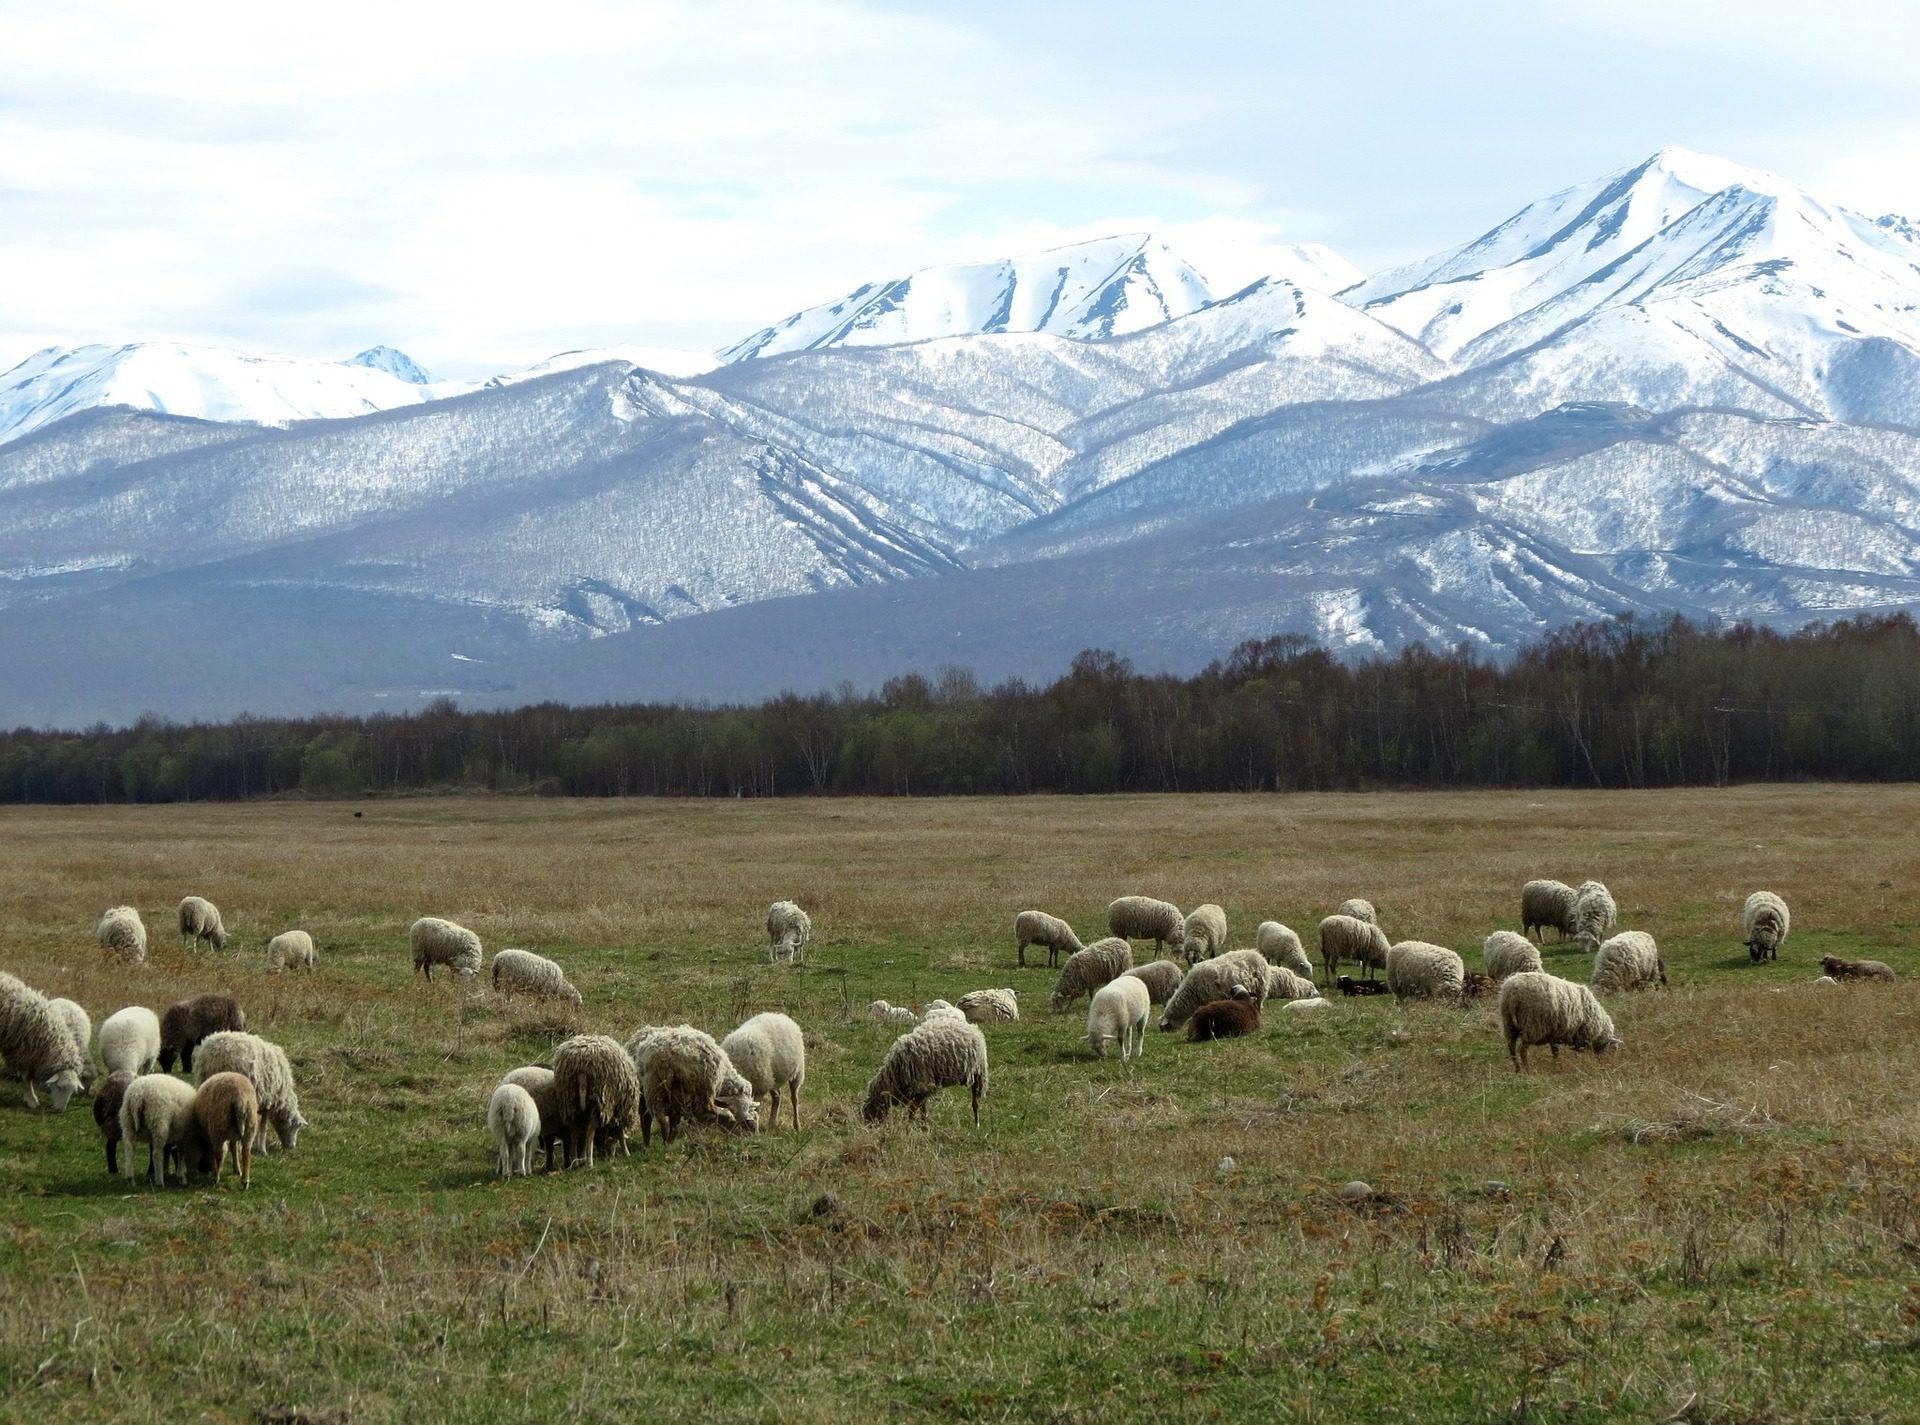 群れ, 羊, 放牧, モンタナス, 降雪 - HD の壁紙 - 教授-falken.com